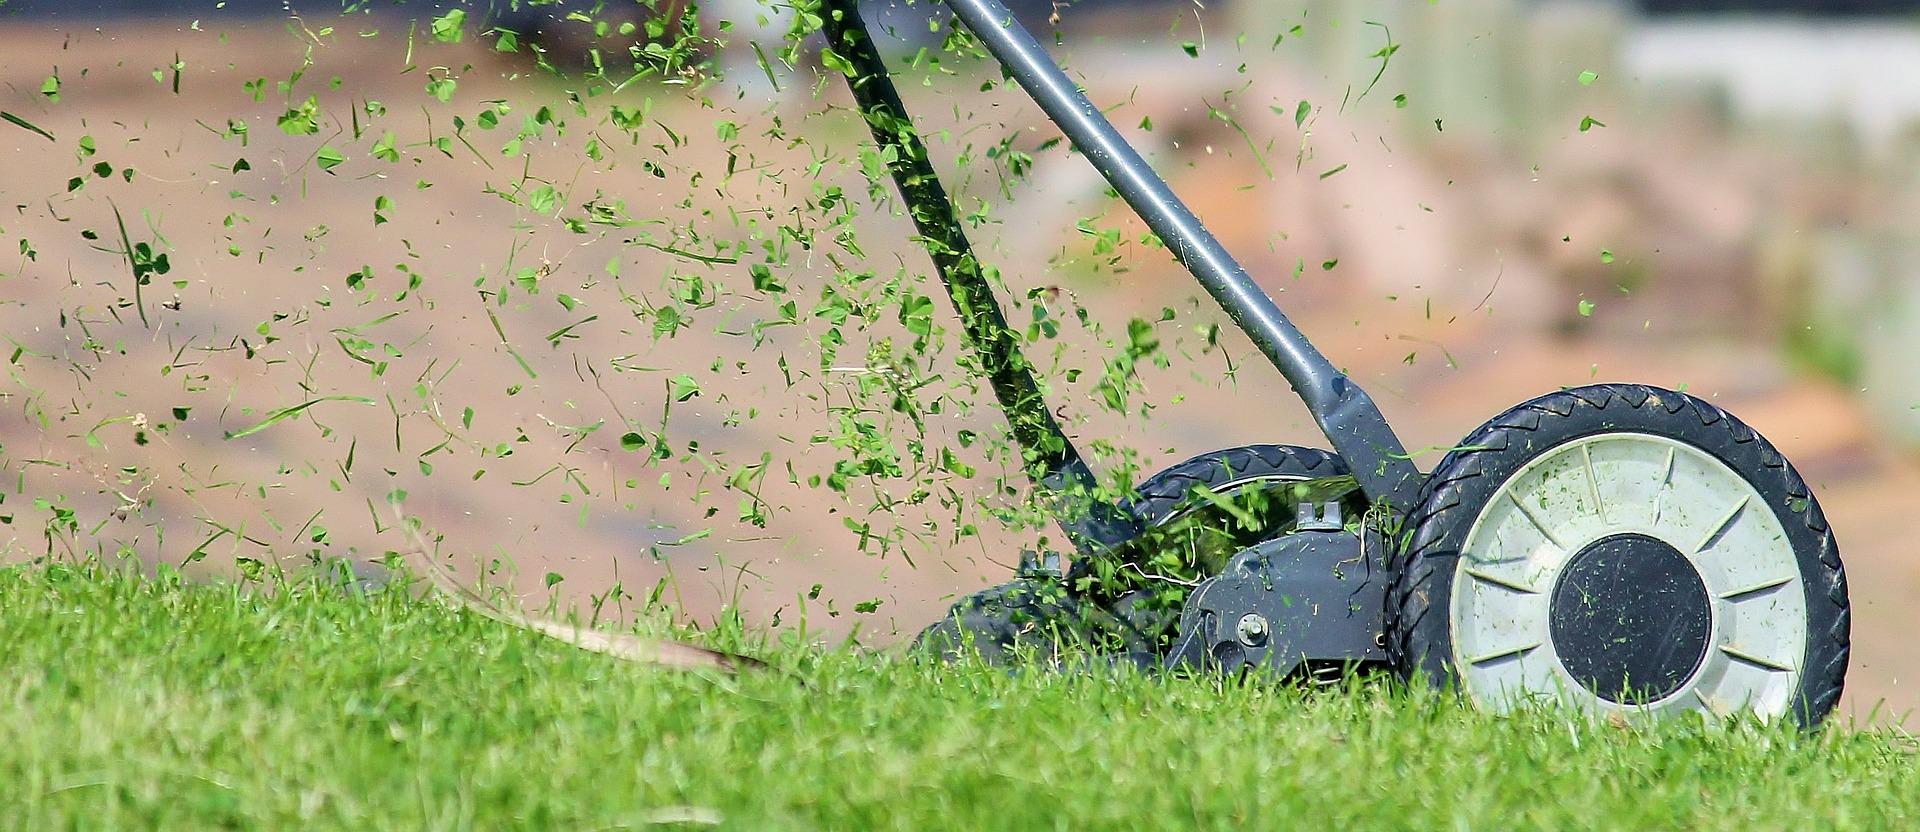 Radca ako vybrať záhradnú kosačku na trávu